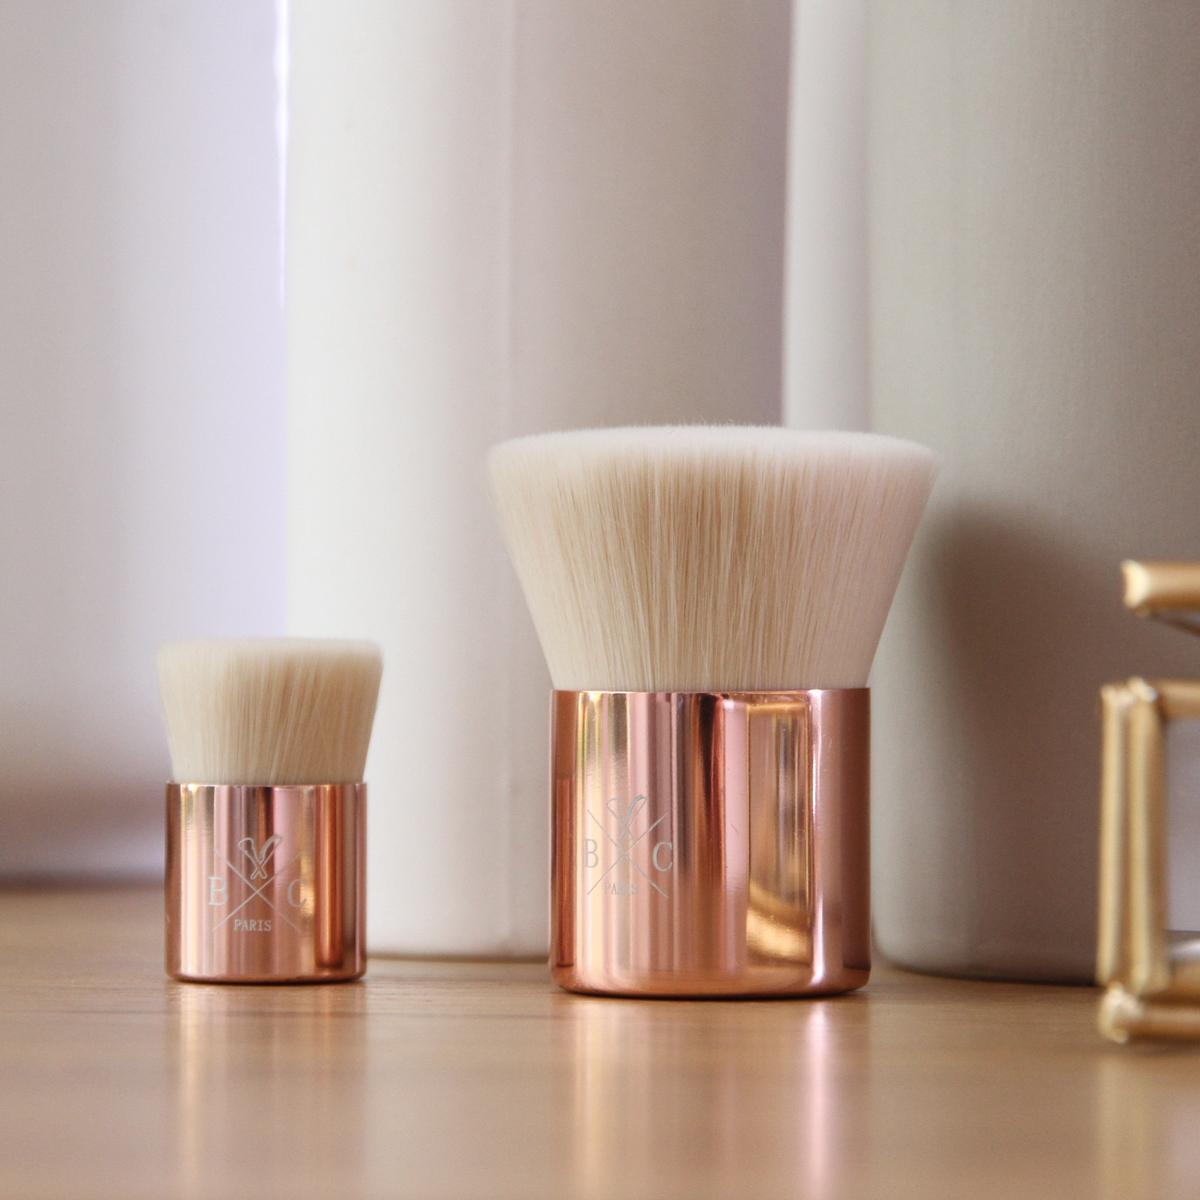 Pinceaux à maquillage de la marque Bachca